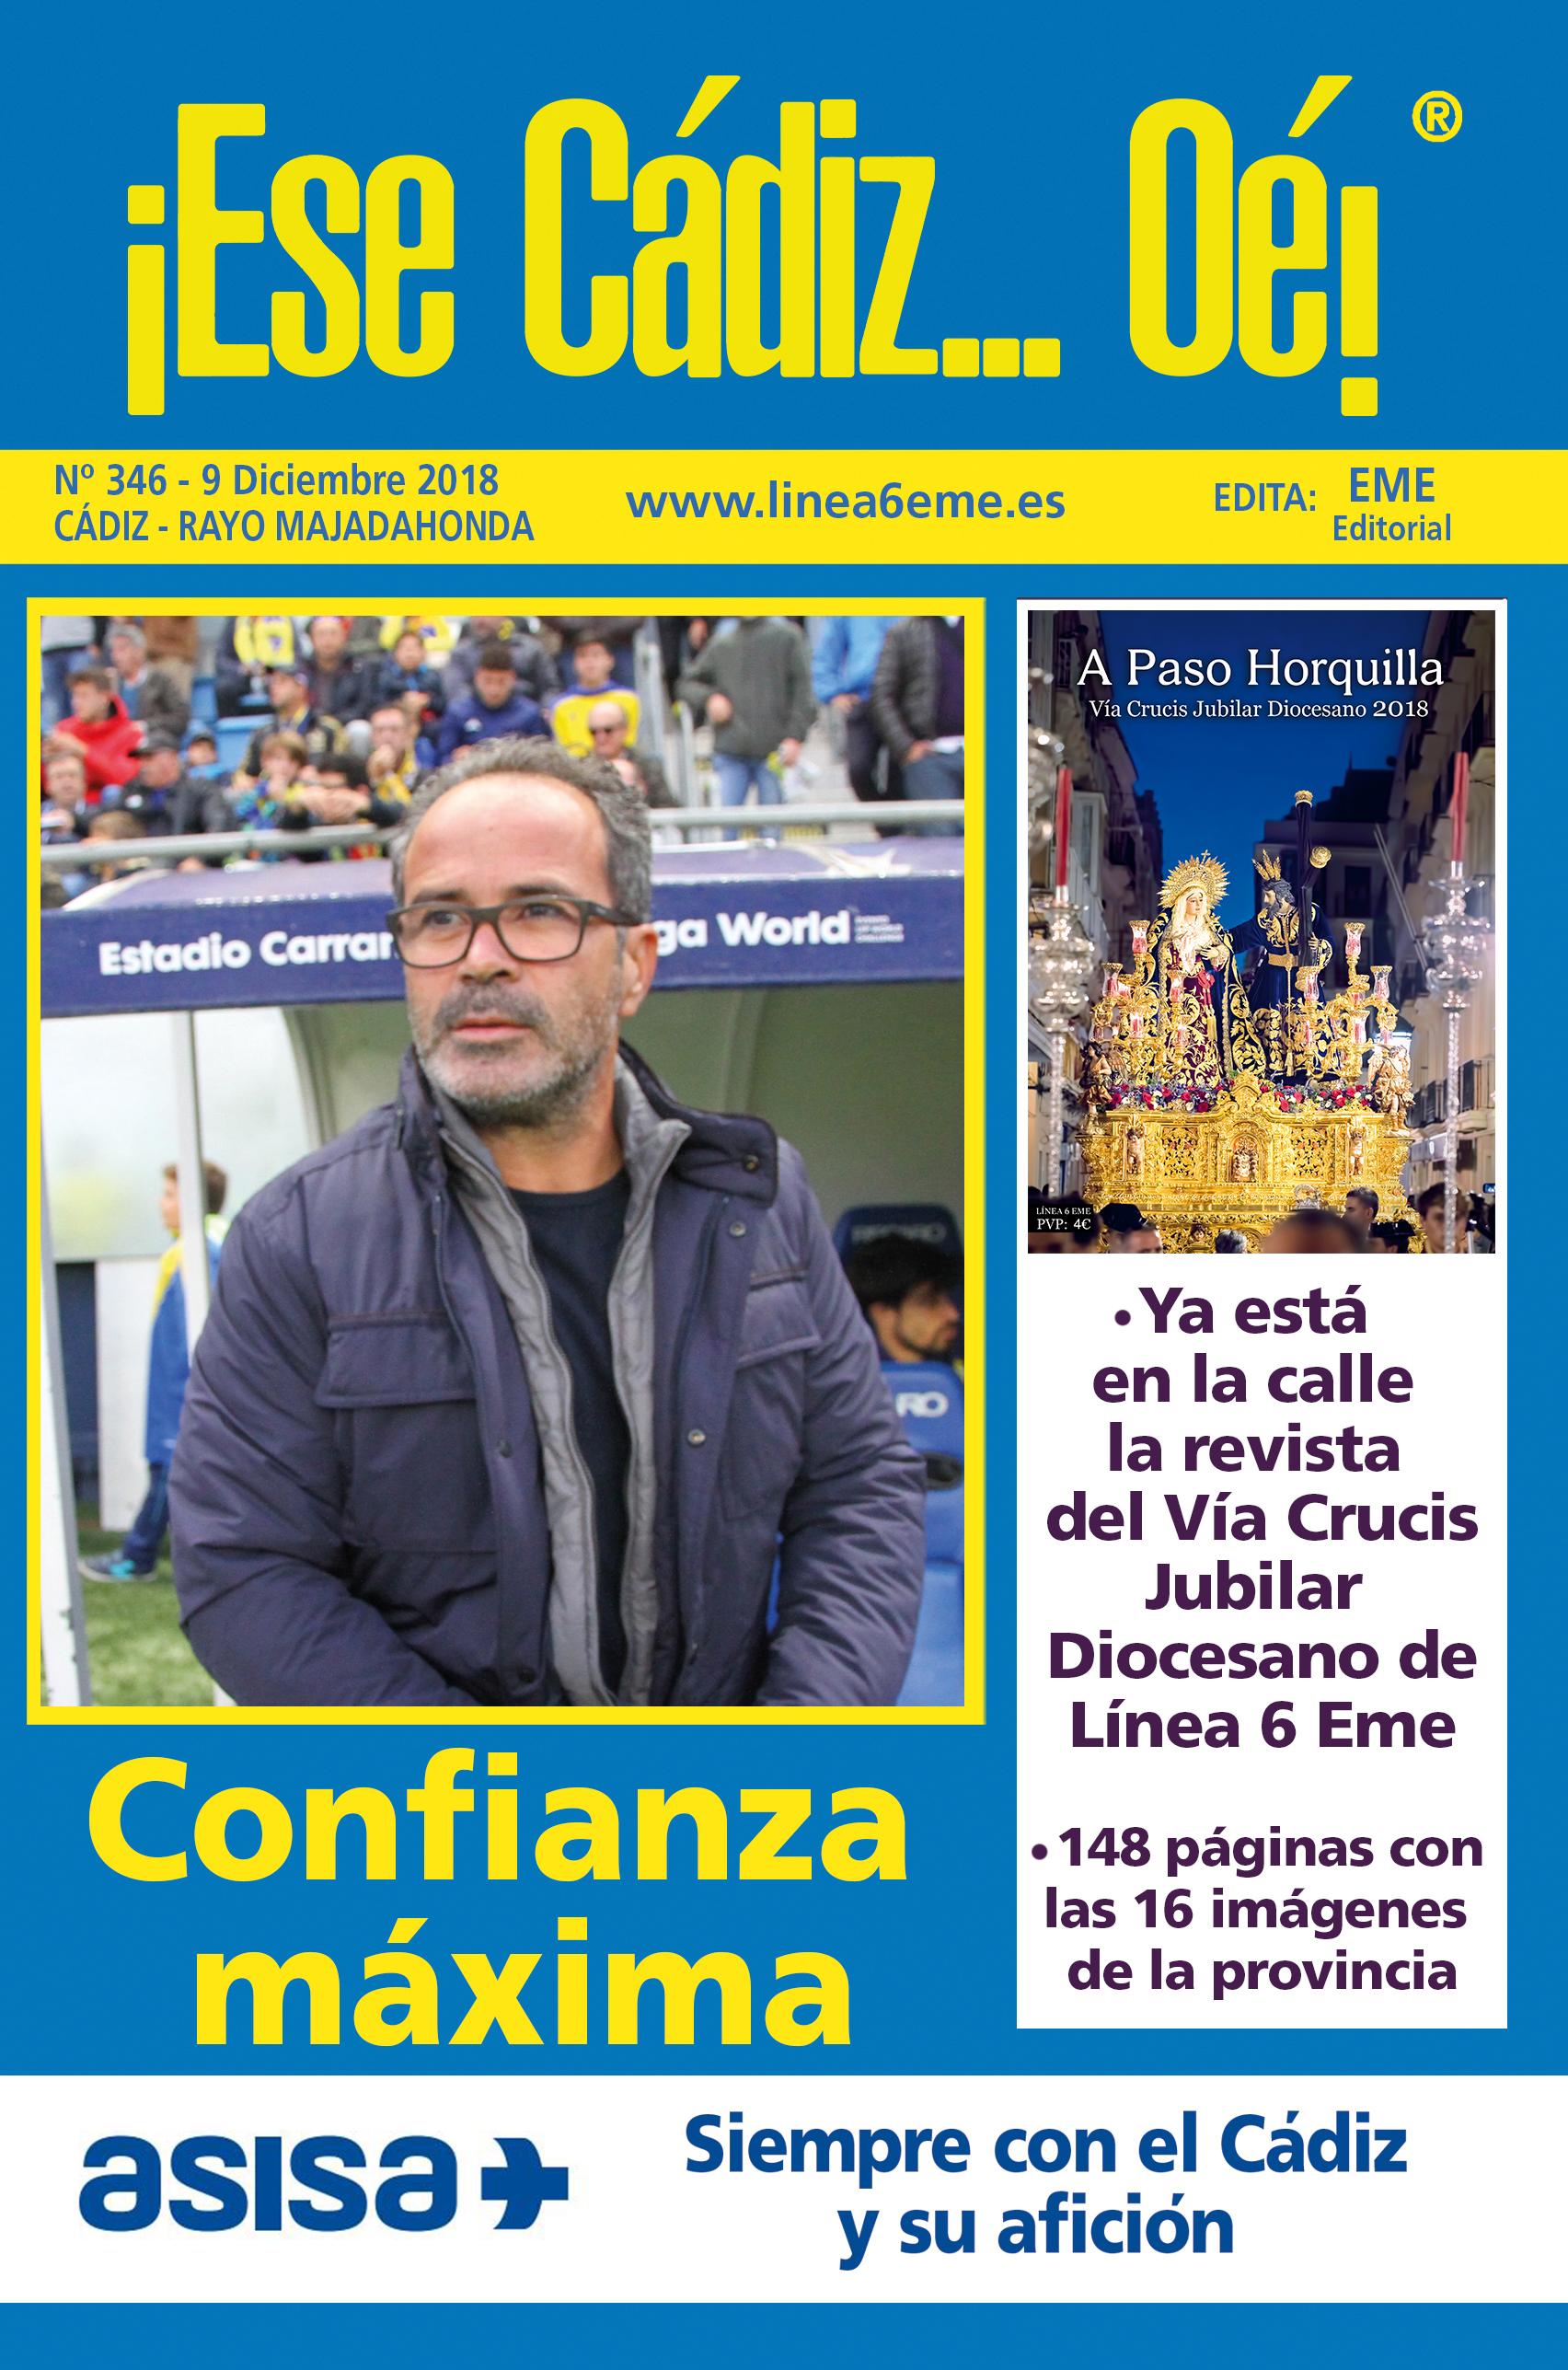 ¡Ese Cádiz…Oé! núm. 346 Temporada 2018/19